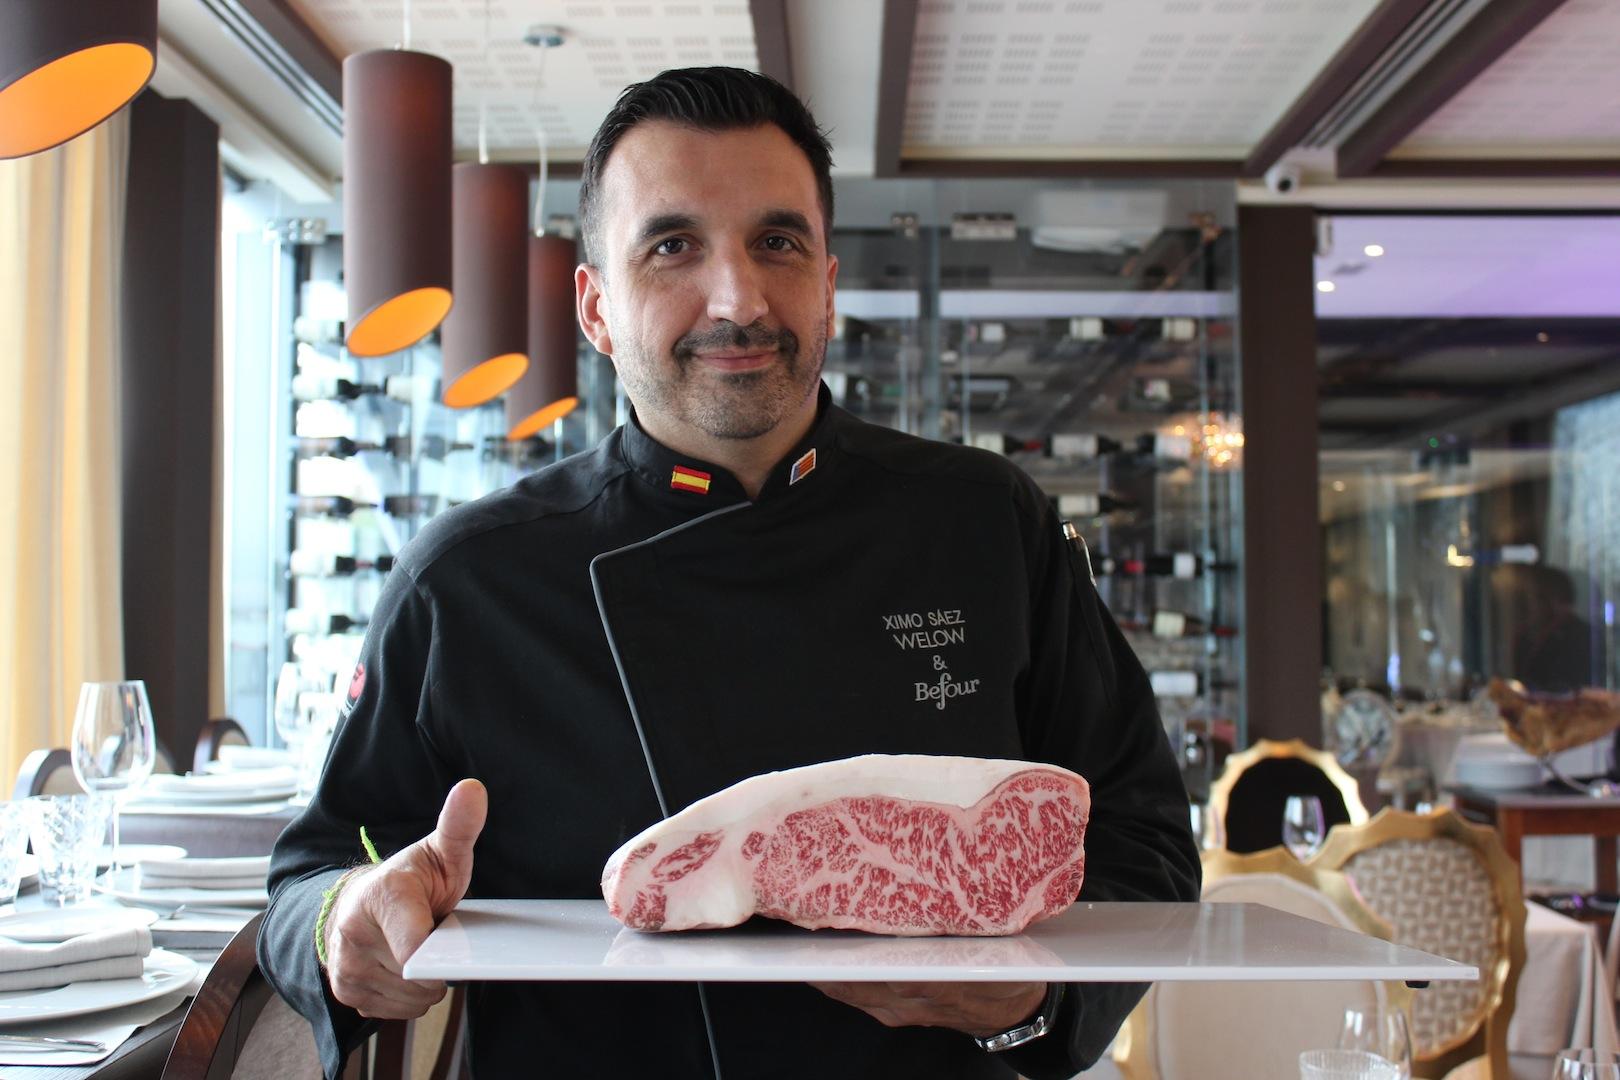 Ximo Sáez, chef ejecutivo de Welow & Befour Club